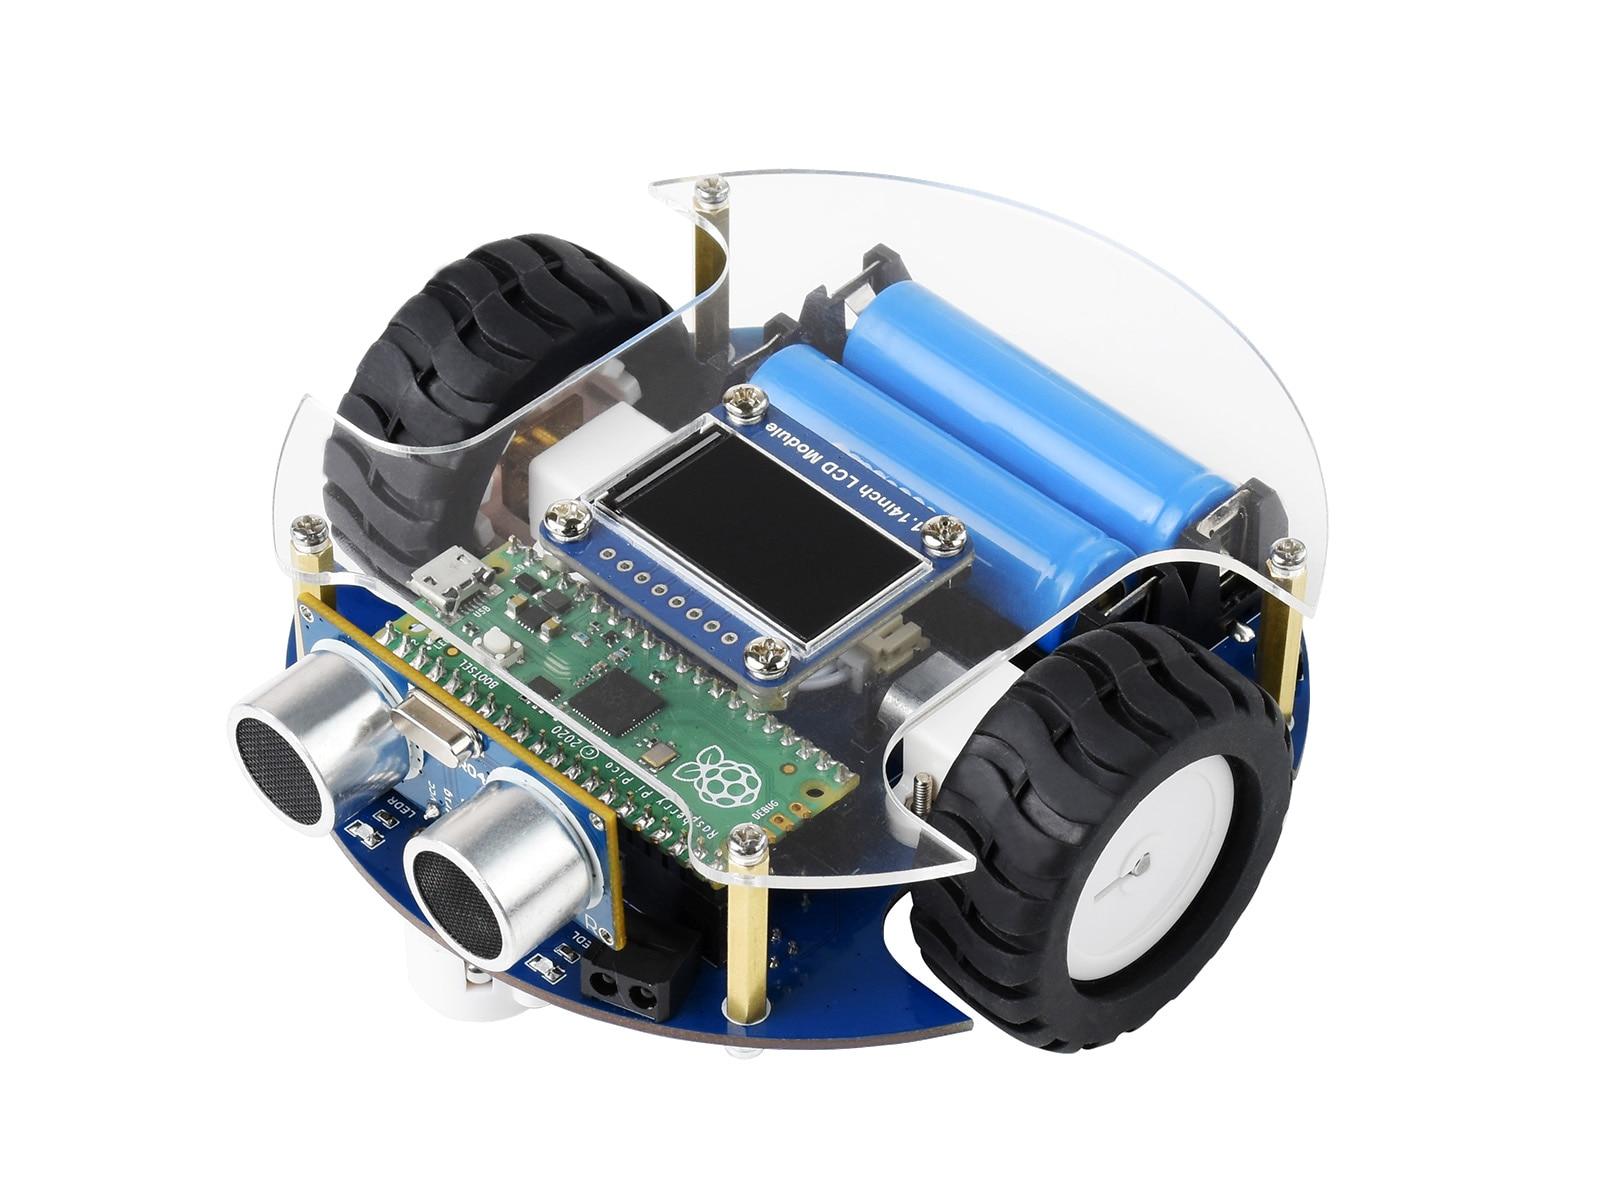 بيكو الروبوت الذكية ، استنادا إلى التوت بي بيكو ، القيادة الذاتية ، التحكم عن بعد ، تتبع السيارة الذكية/تجنب عقبة الخ